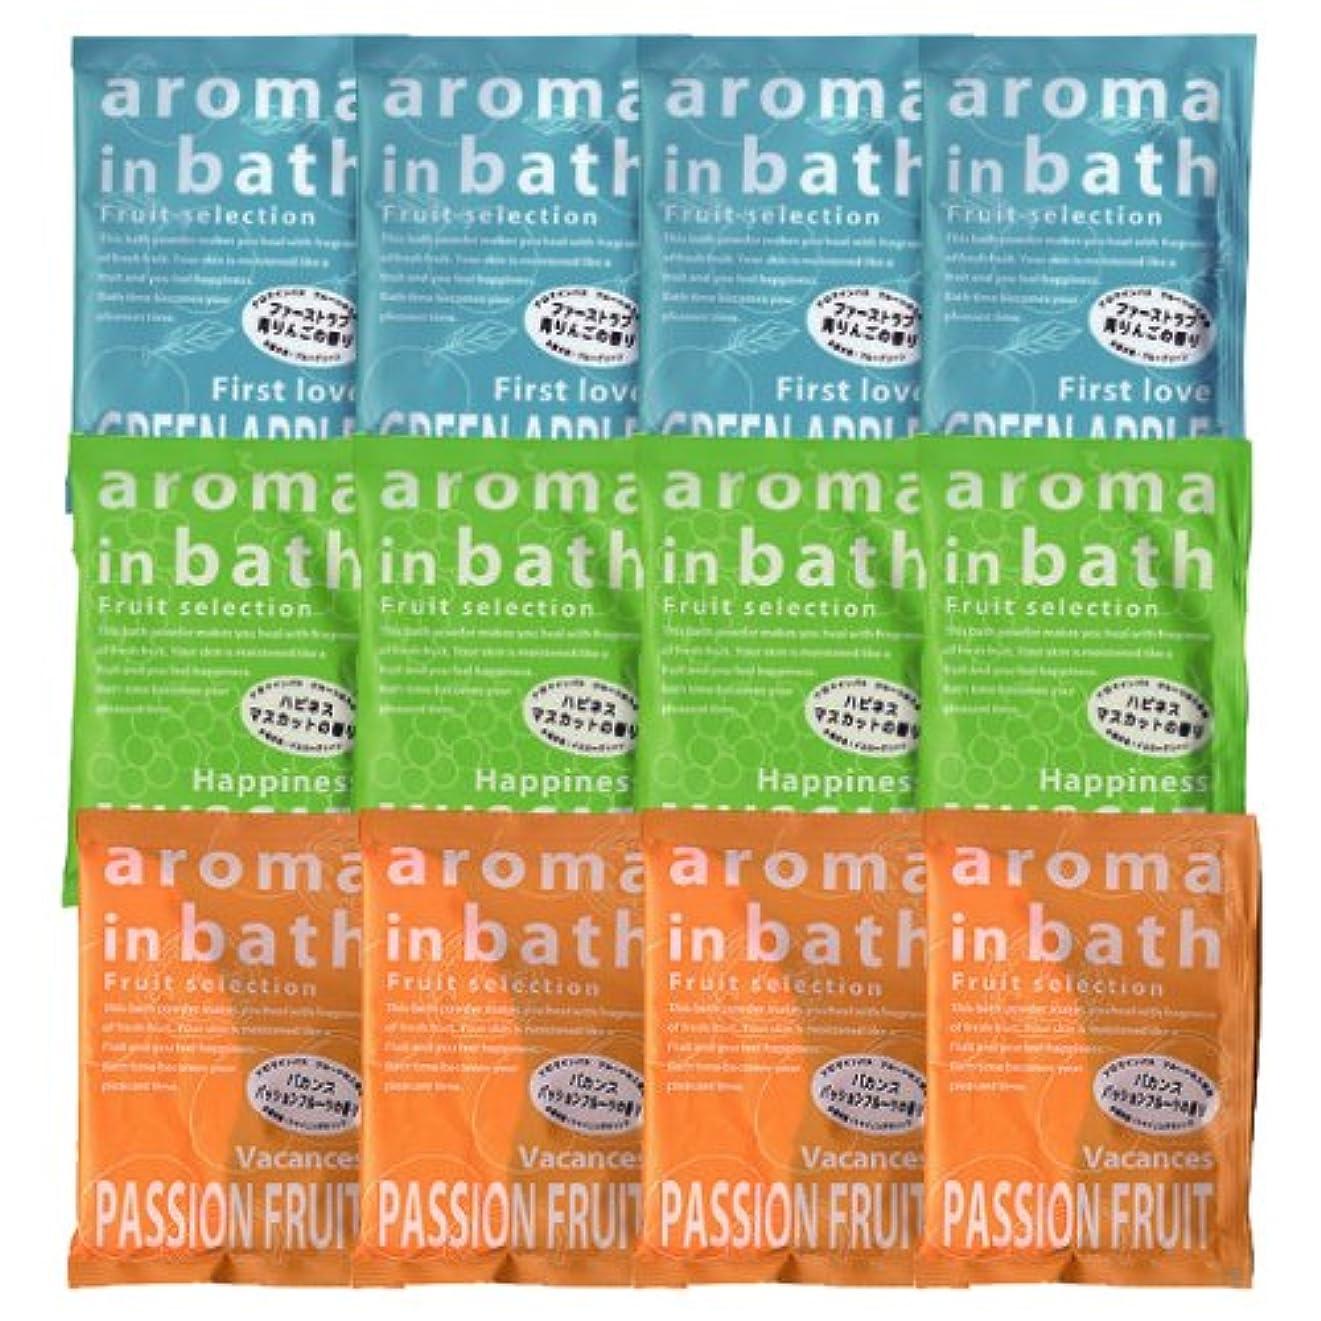 パン屋欲しいです根絶するアロマインバス 3種類×4 12包